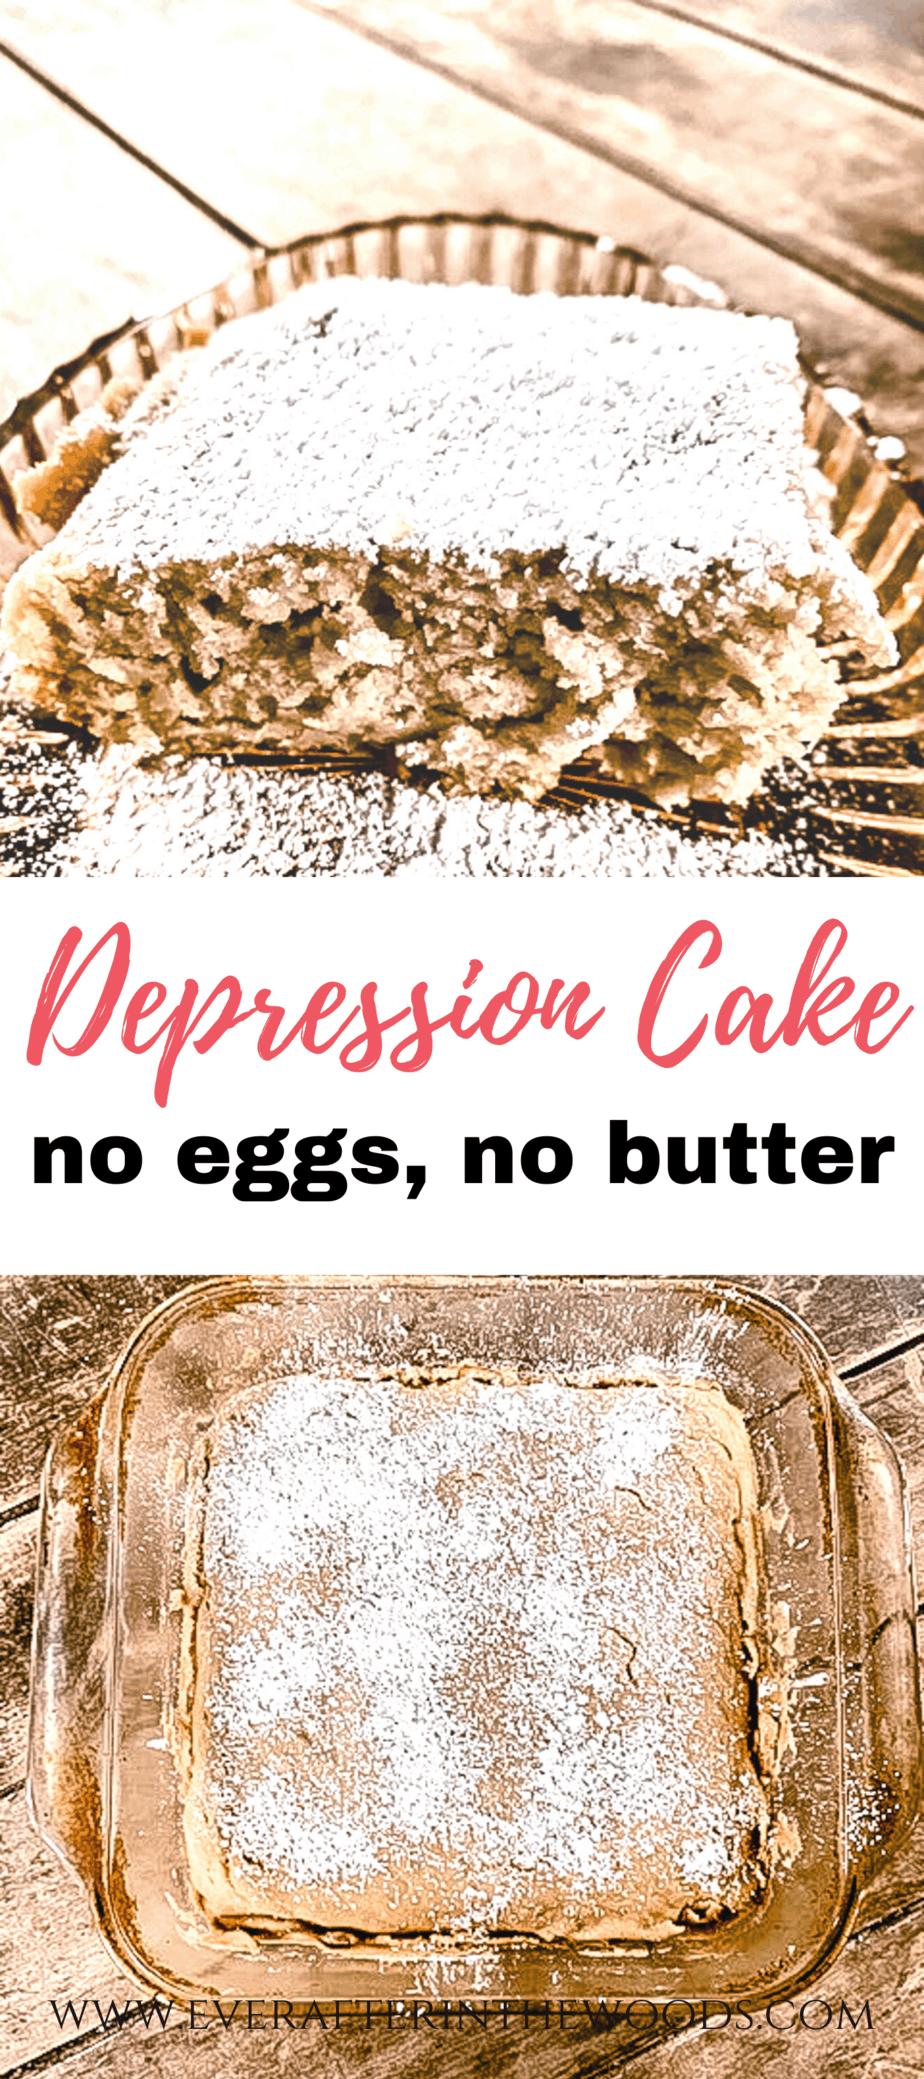 depression cake no eggs no butter